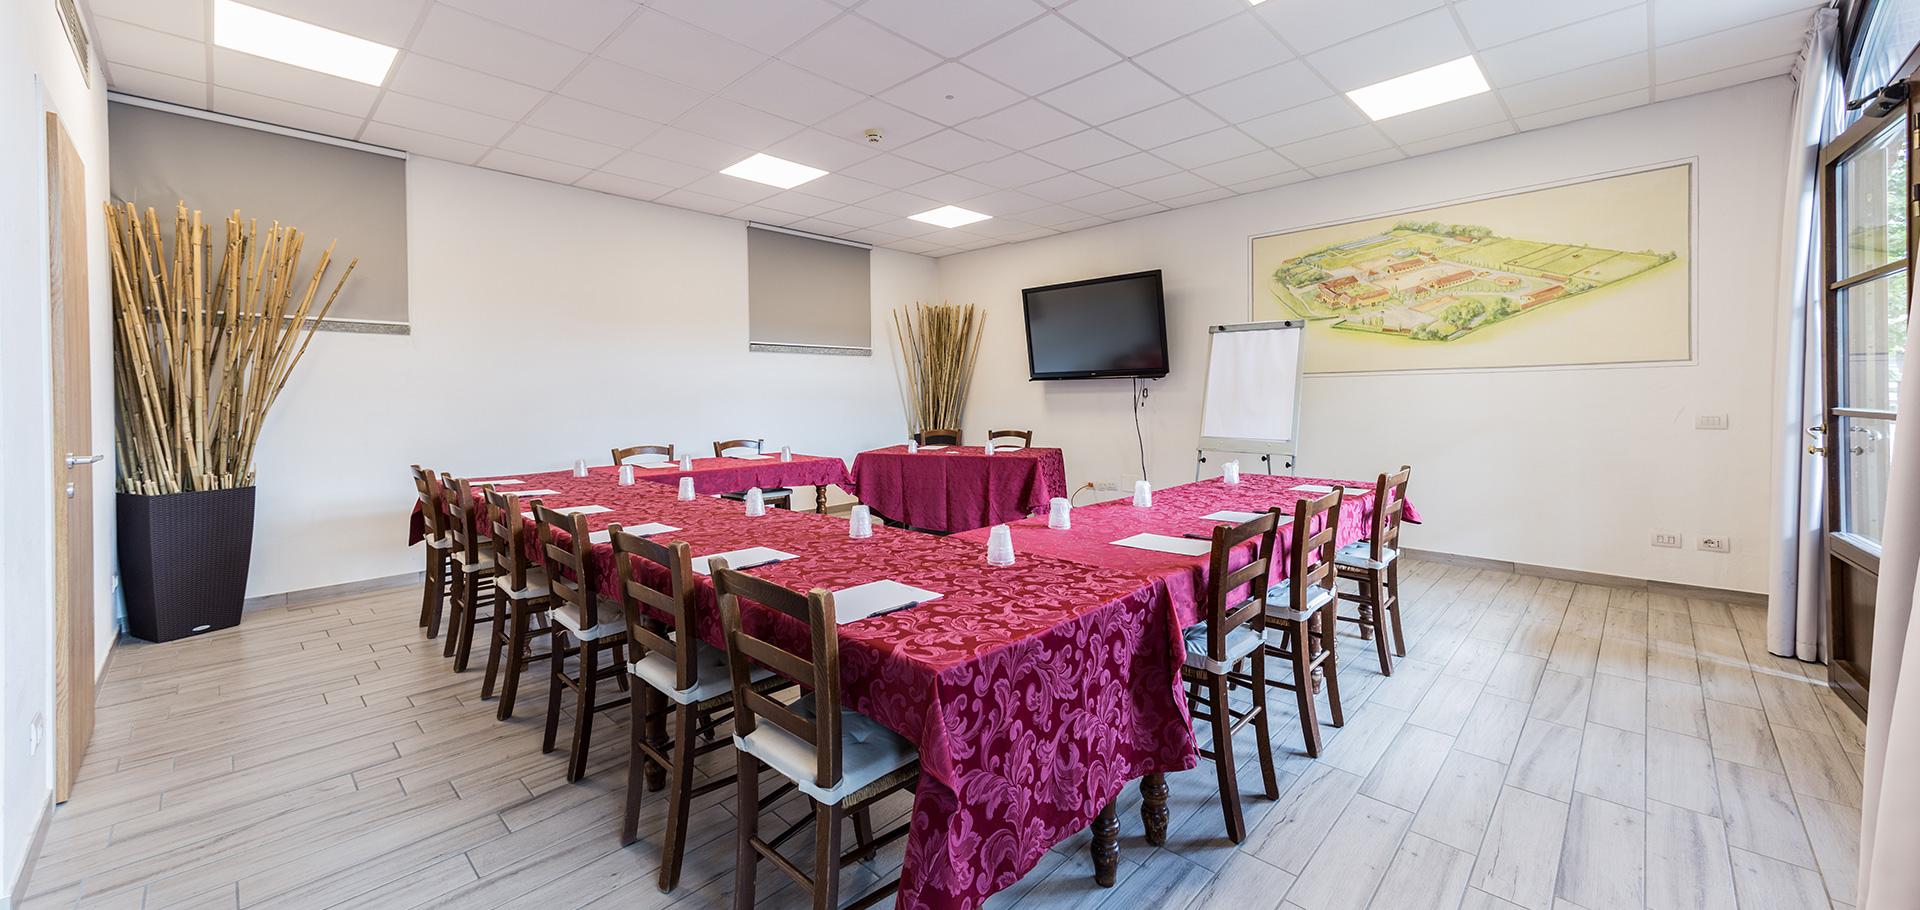 Allestimento Meeting sala Le Carrozze